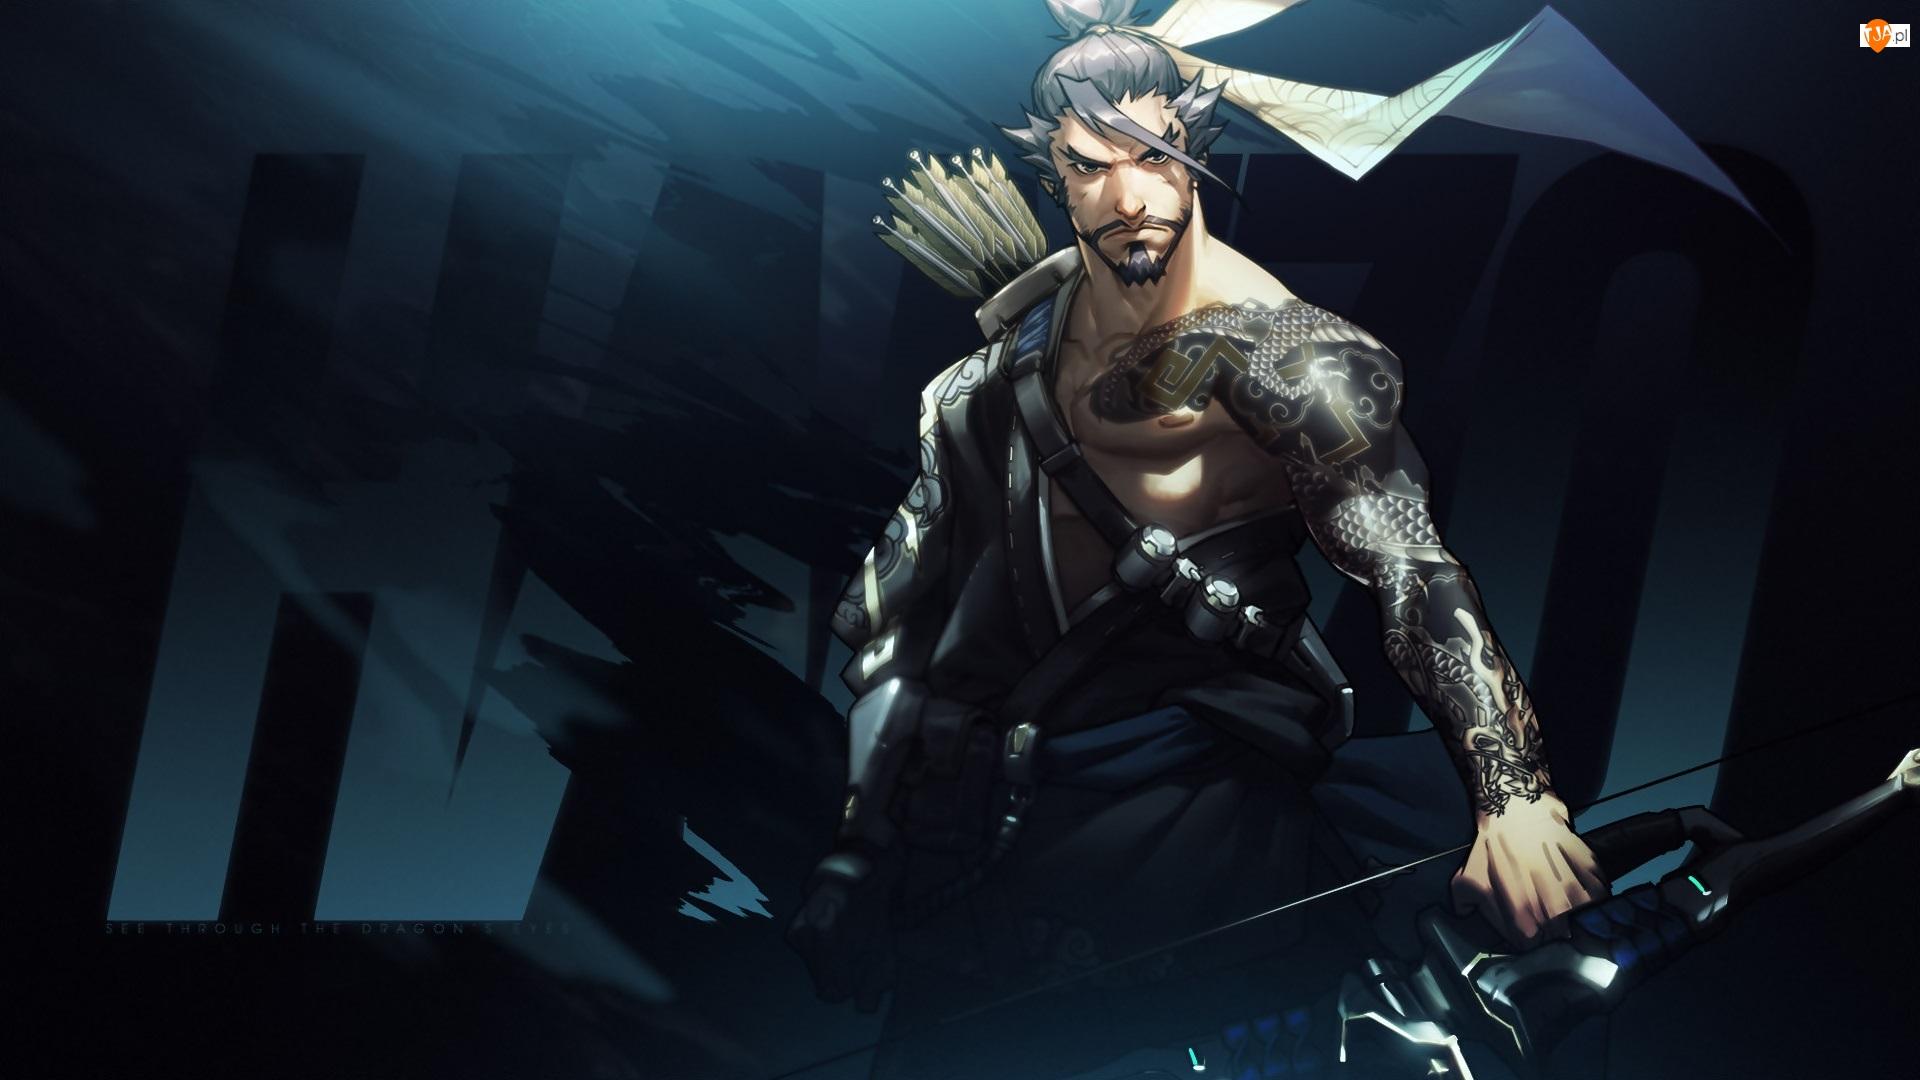 Hanzo Shimada, Gra, Overwatch